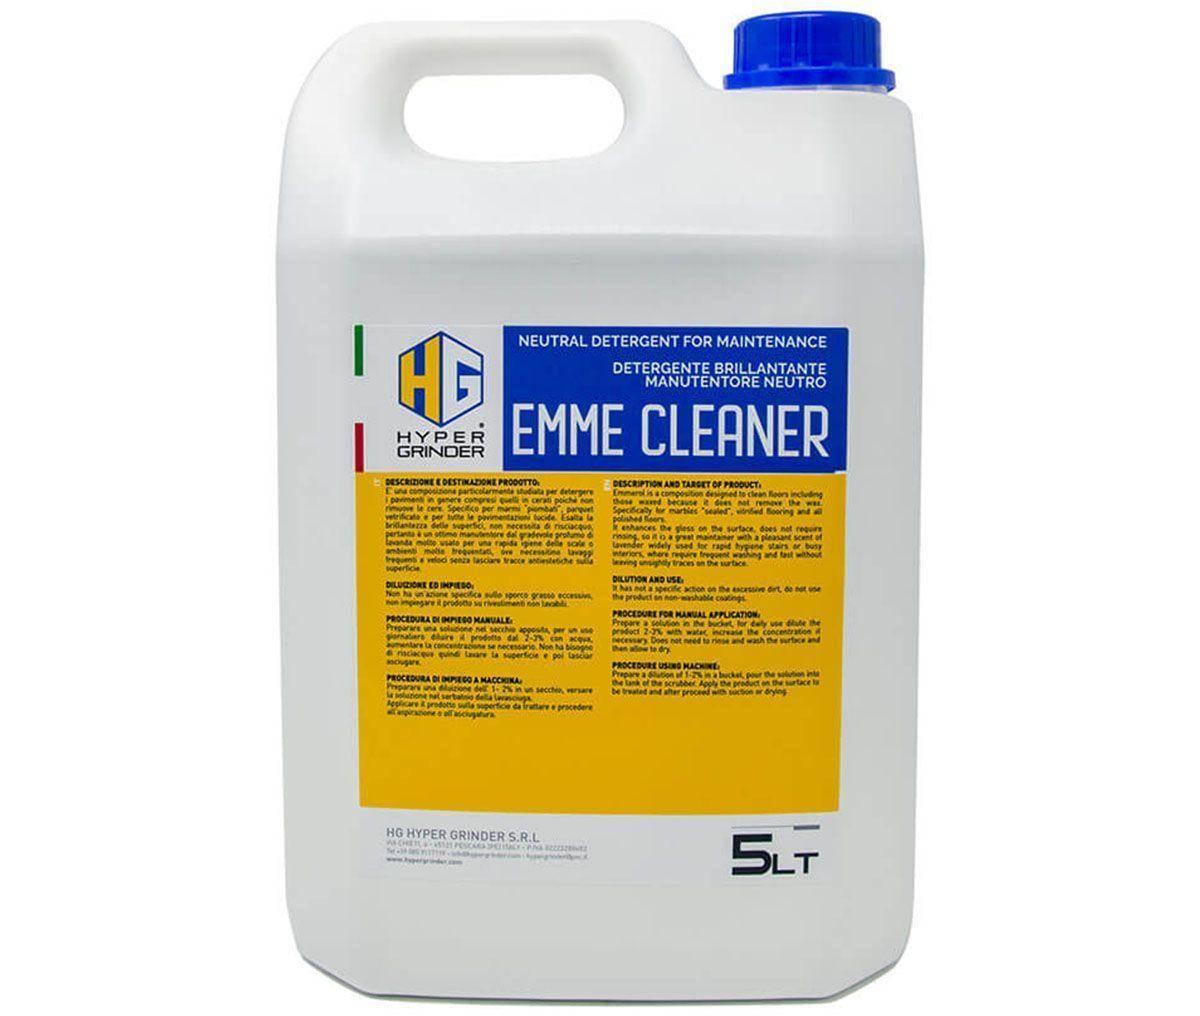 emme cleaner 1435